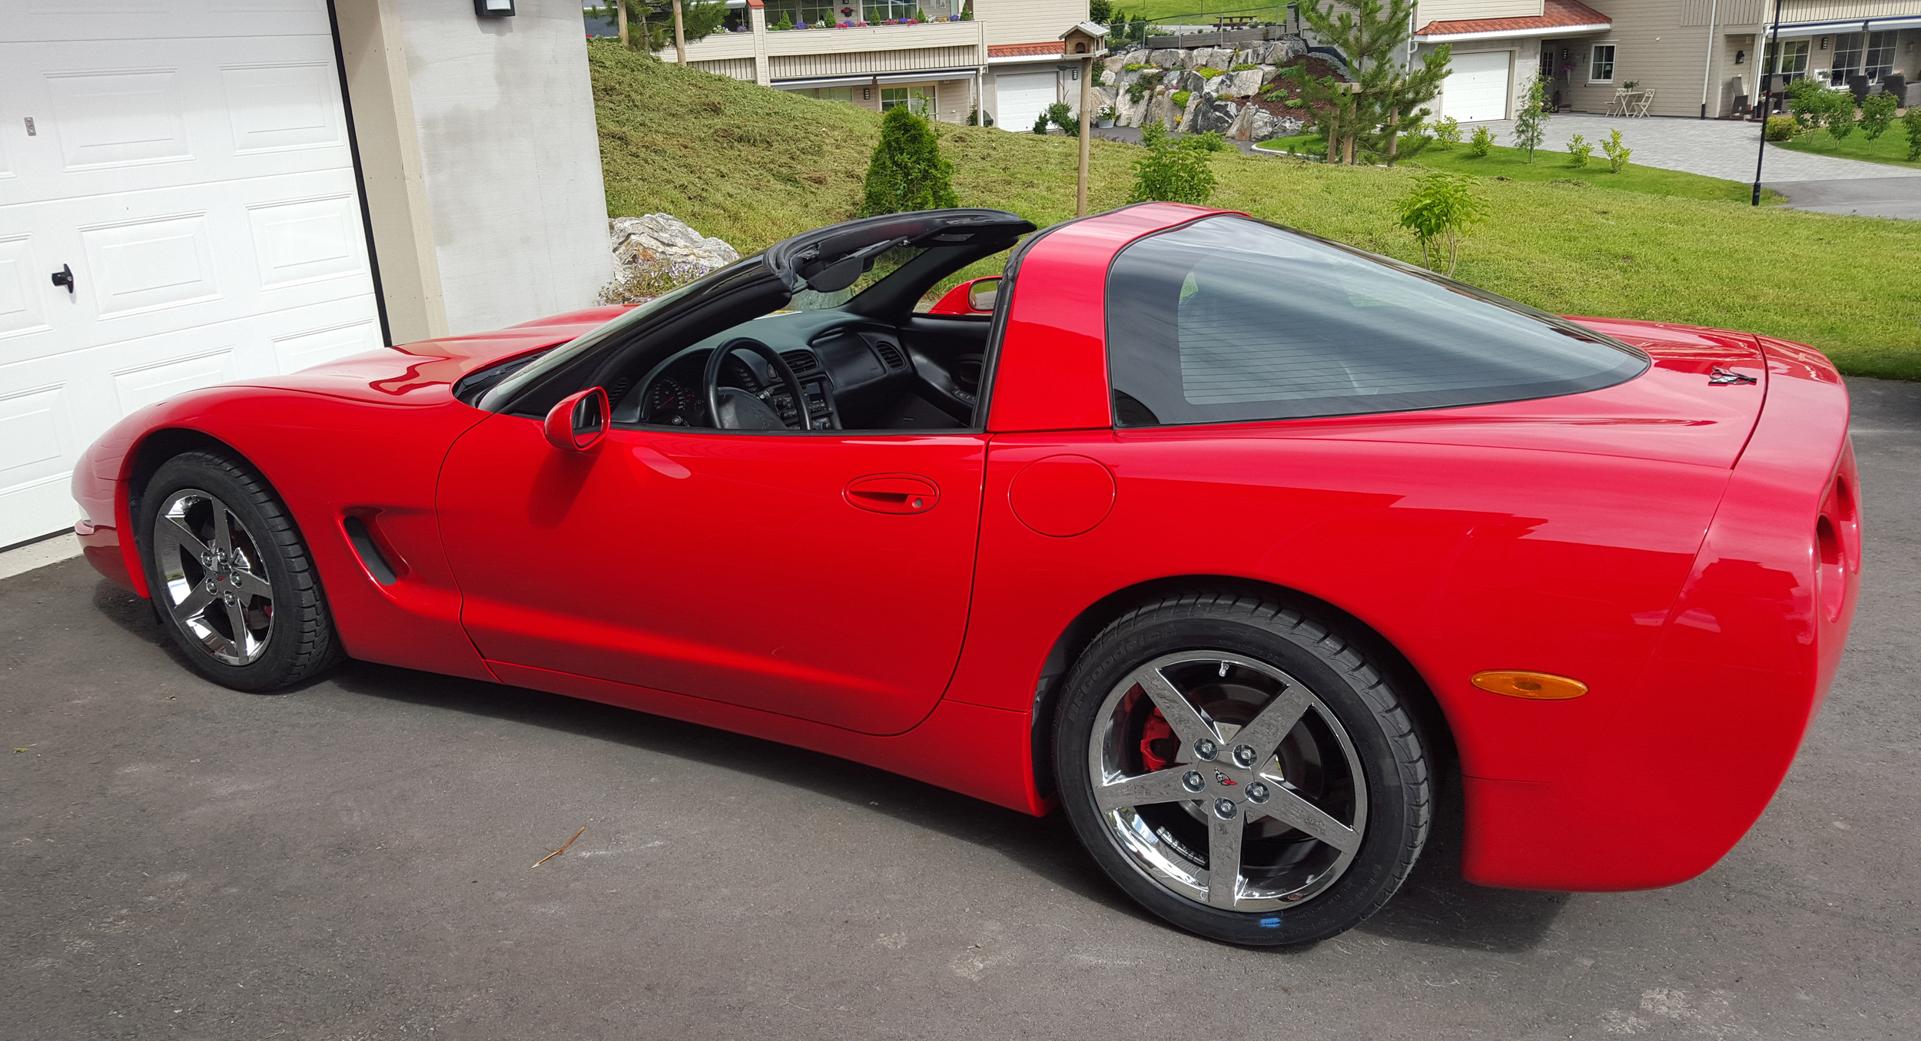 223-1998 Chevrolet Corvette01. Eier- medlem 223 Ha